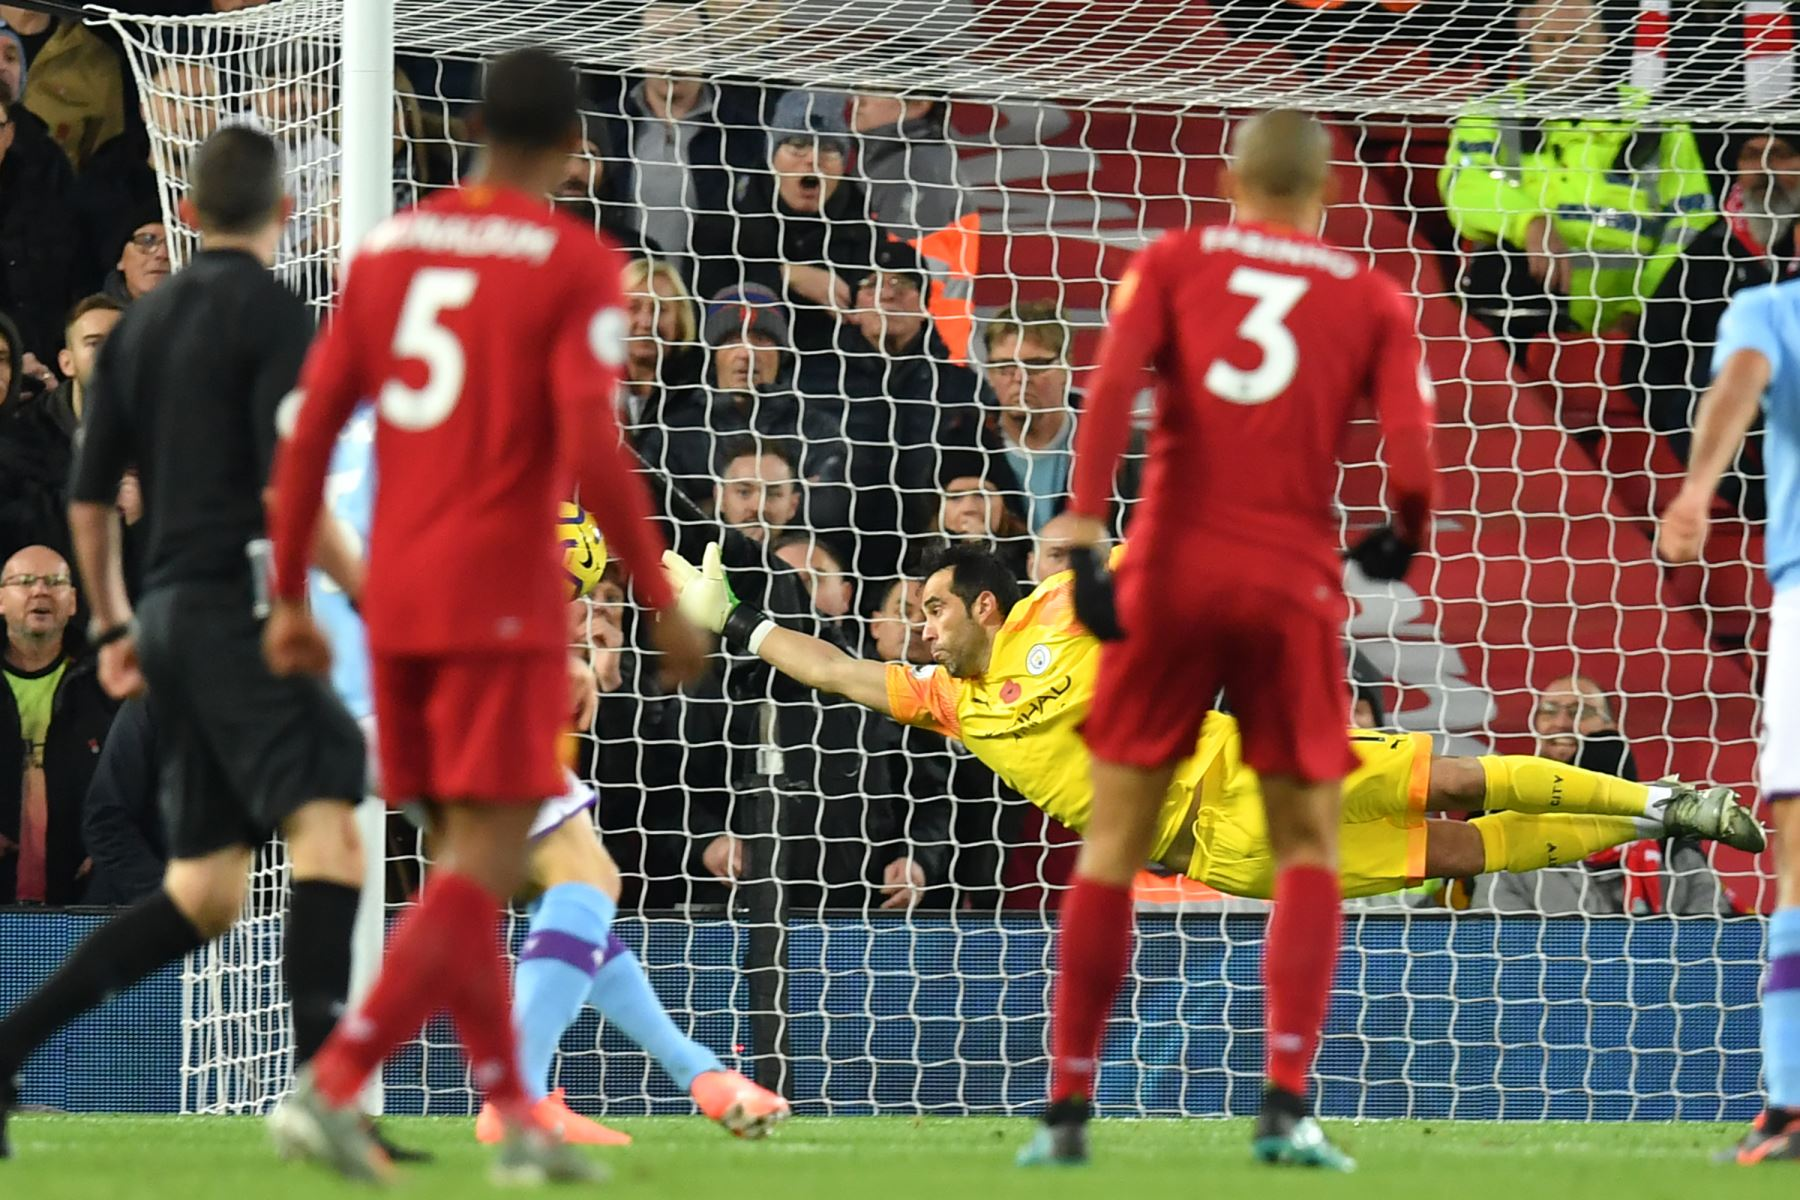 El mediocampista brasileño del Liverpool Fabinho observa cómo el portero chileno del Manchester City, Claudio Bravo, no puede evitar que su tiro marque 1-0 durante el partido de fútbol de la Premier League inglesa entre Liverpool y Manchester City. Foto: AFP